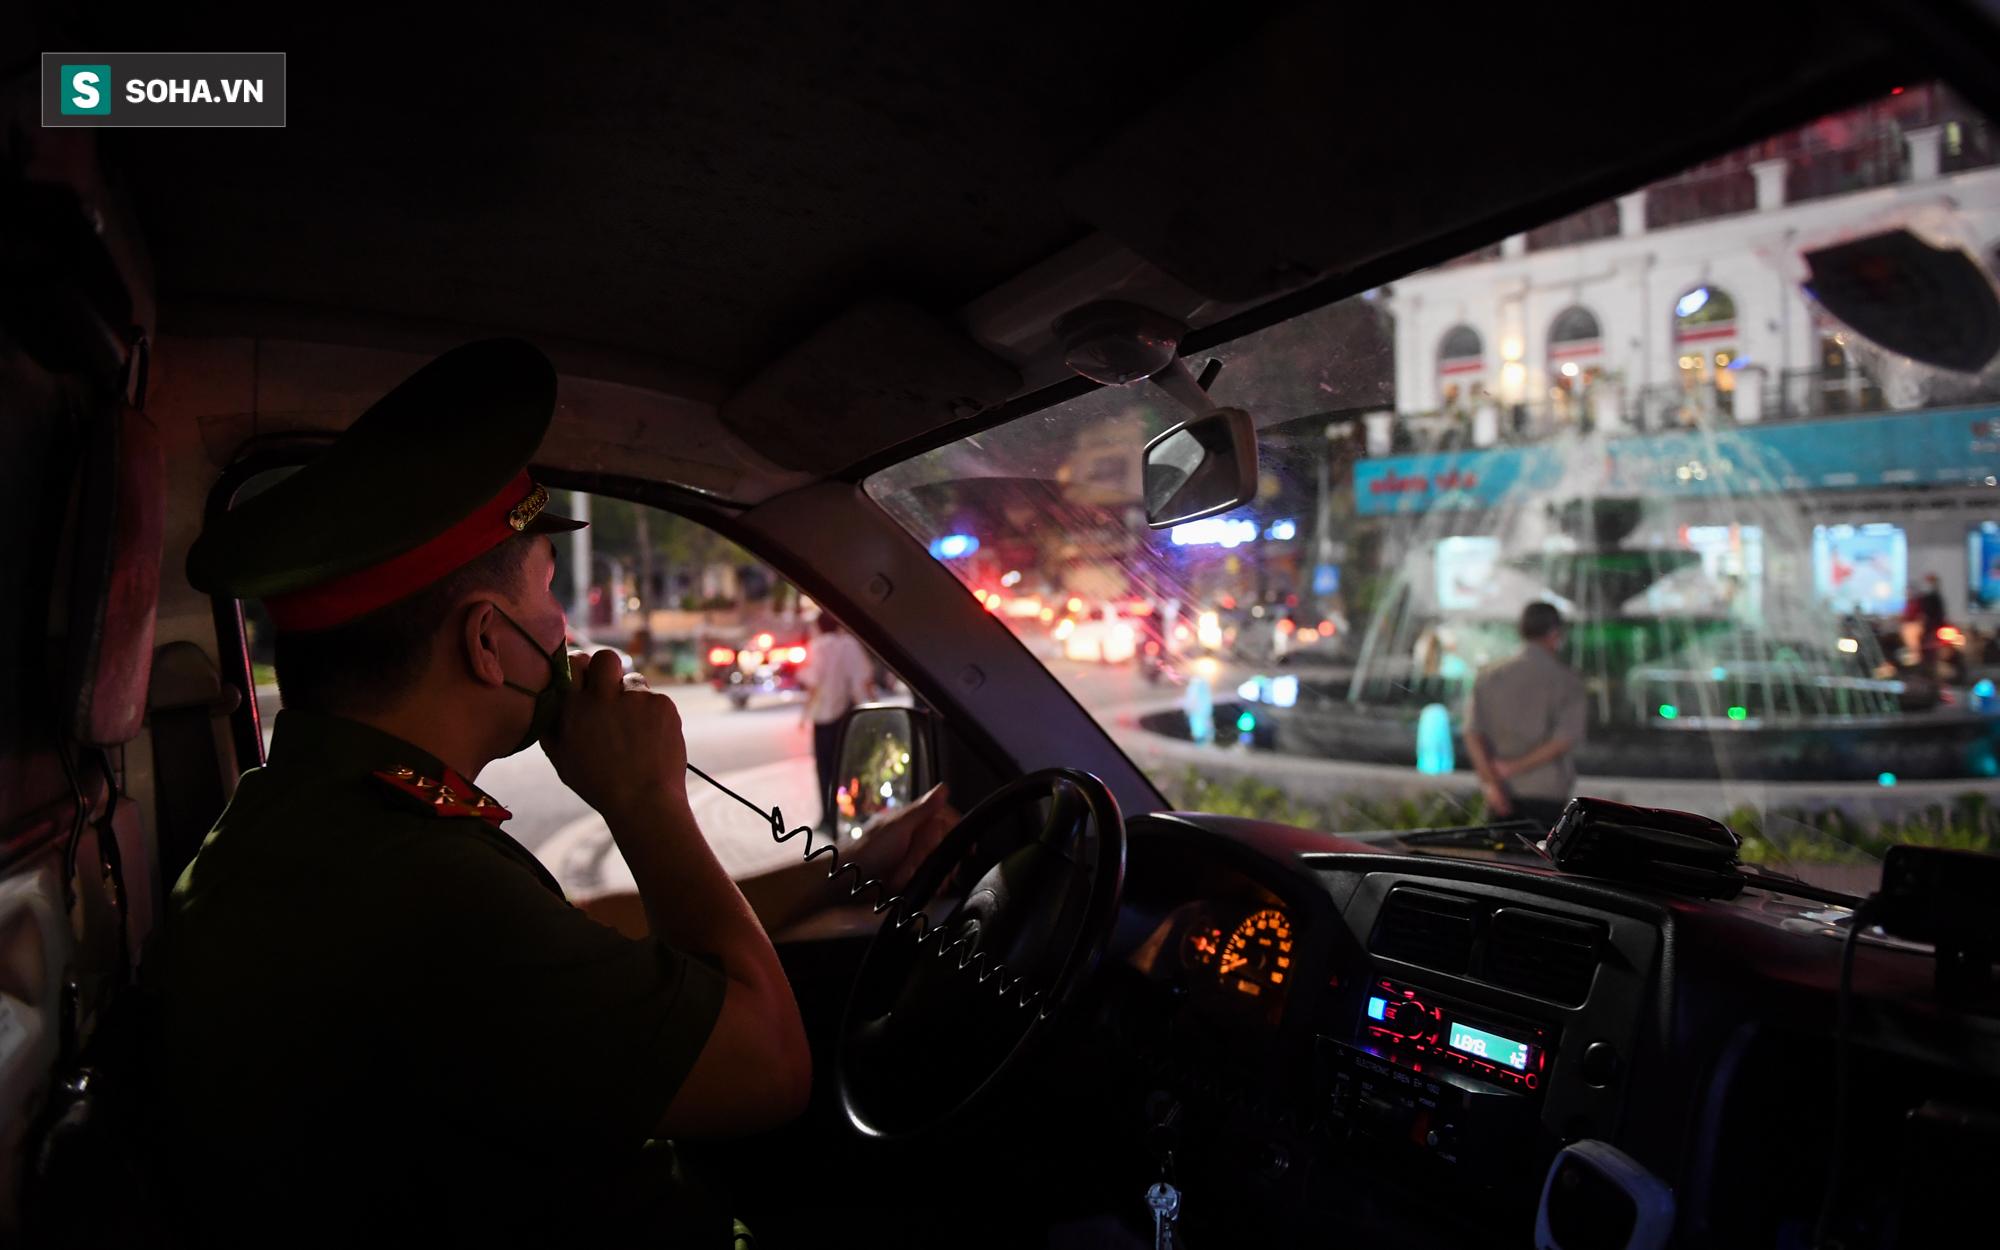 Dòng xe đông như hội nối đuôi nhau trên nhiều tuyến phố trung tâm thủ đô đêm Trung thu - Ảnh 10.